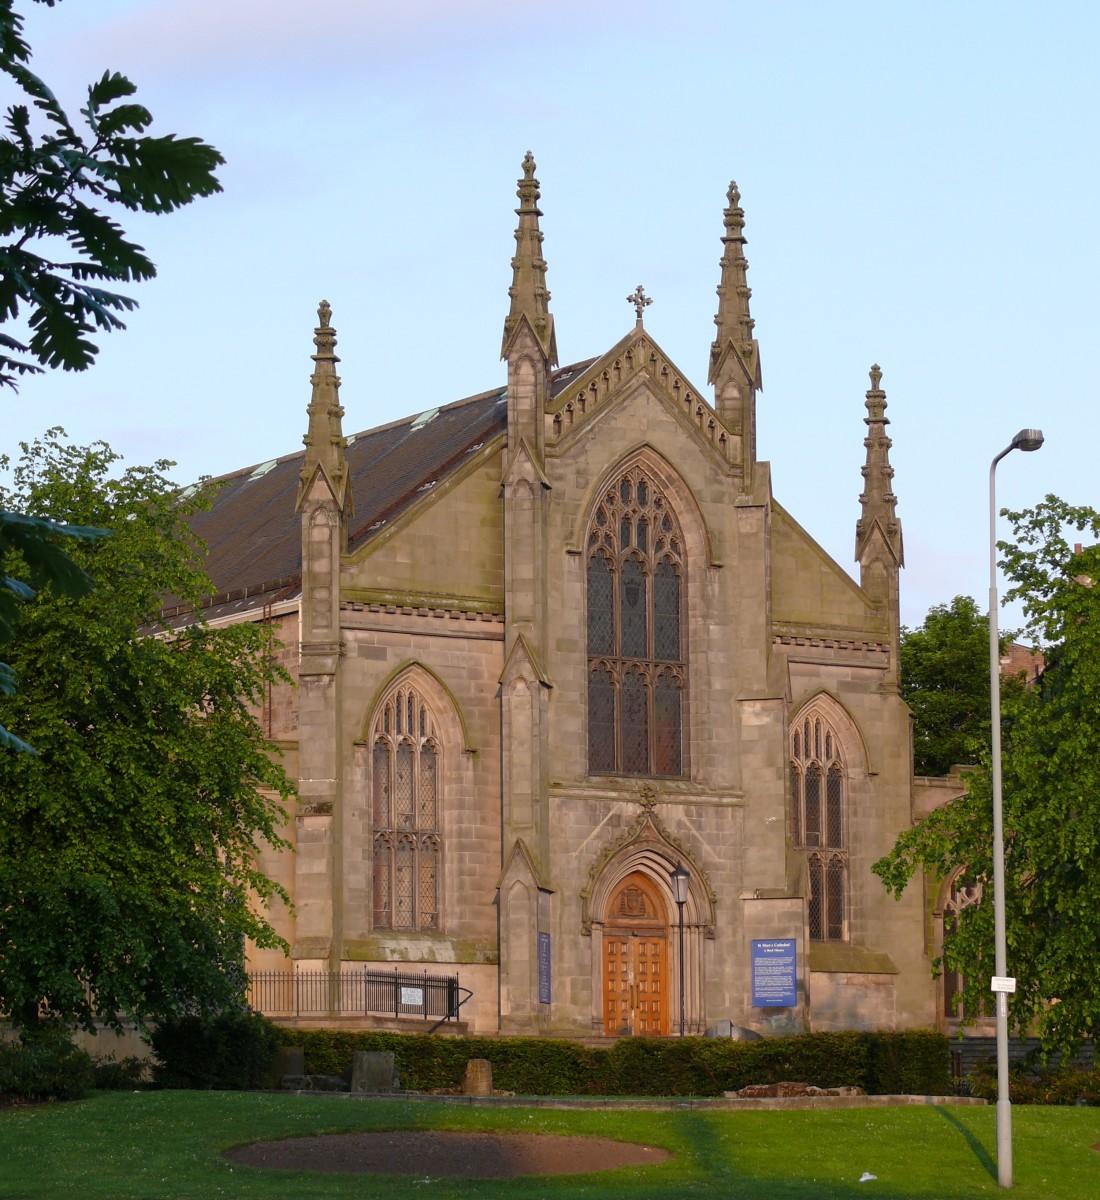 St Mary's Catholic Catheral